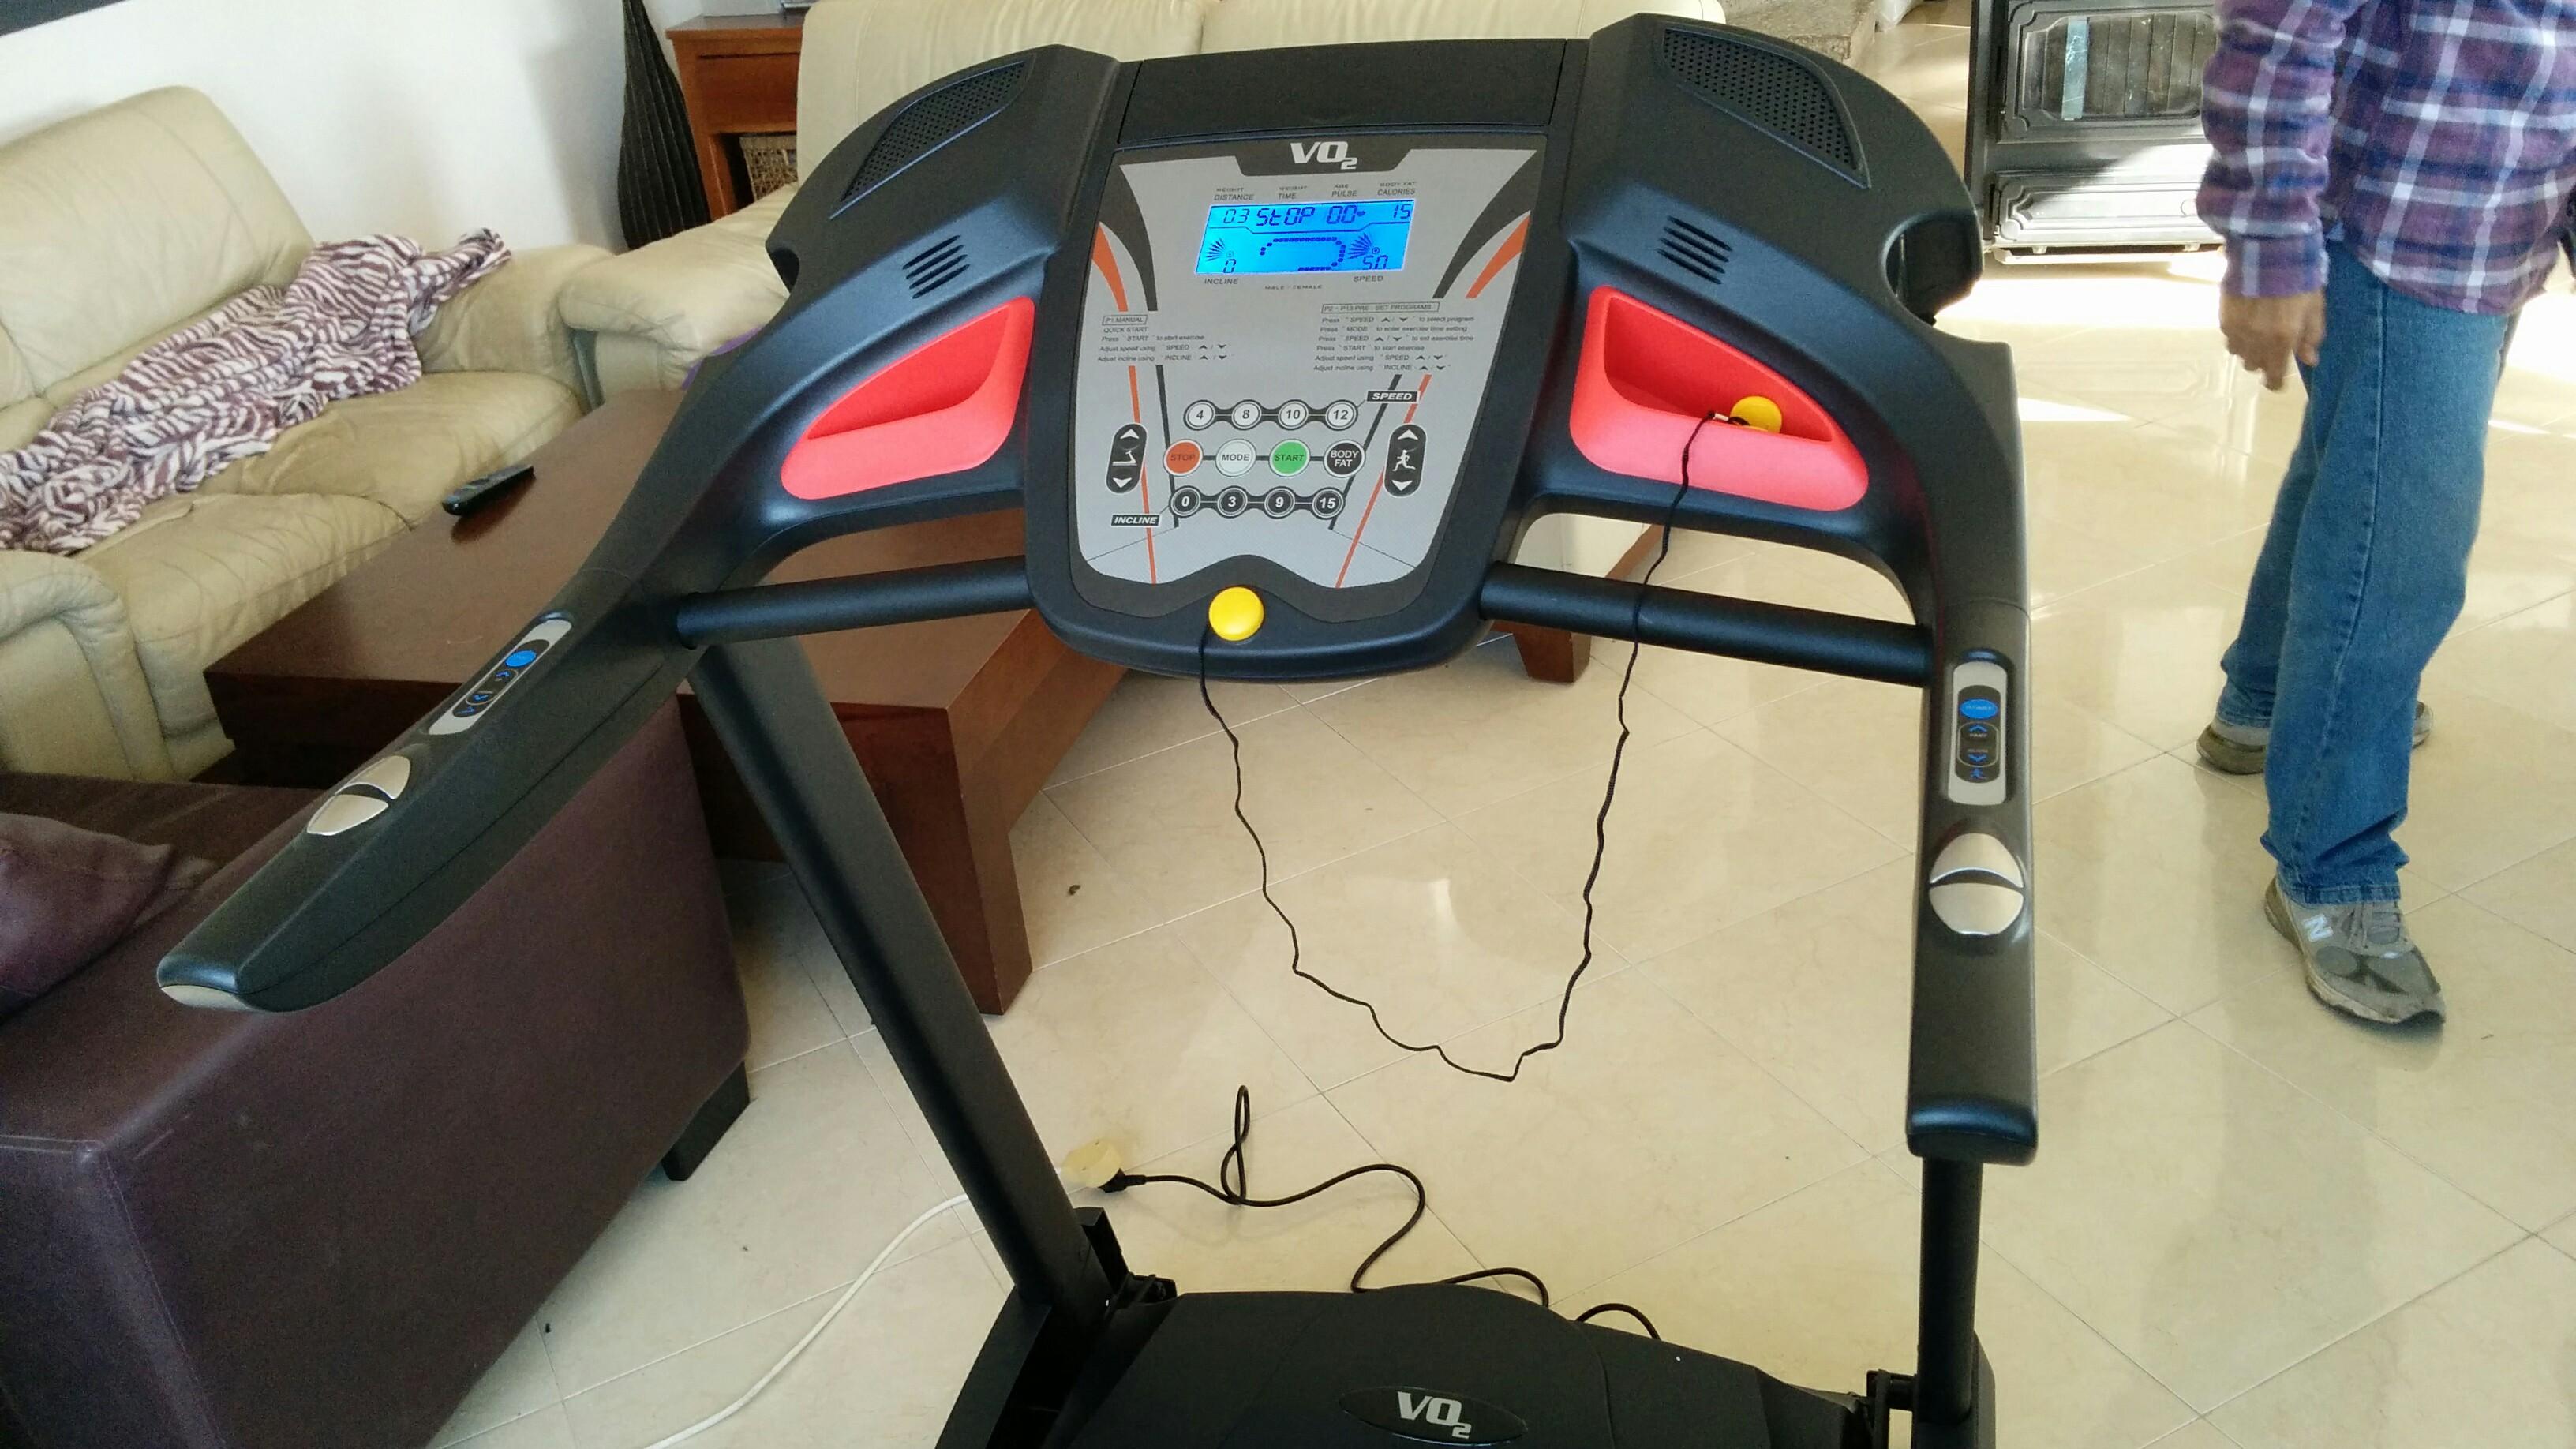 ניס חנות מוצרי ספורט - מכשירי כושר ביתיים, מסלולי ריצה, בריכות אינטקס OT-42